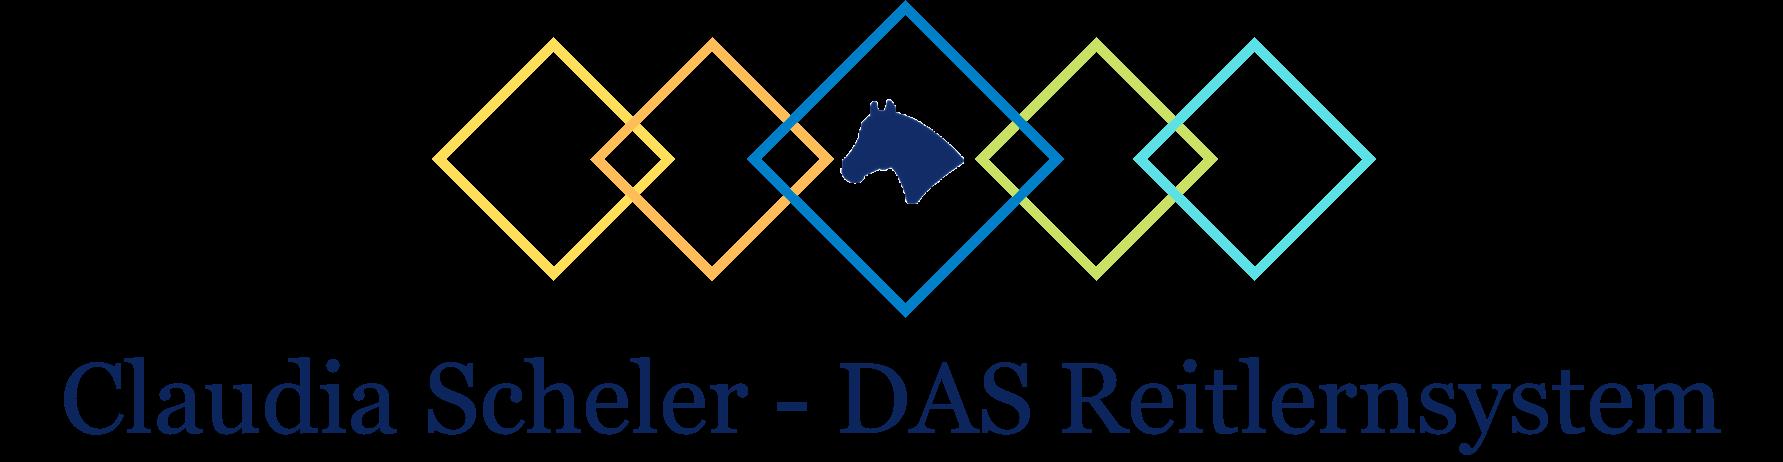 Claudia Scheler – DAS Reitlernsystem